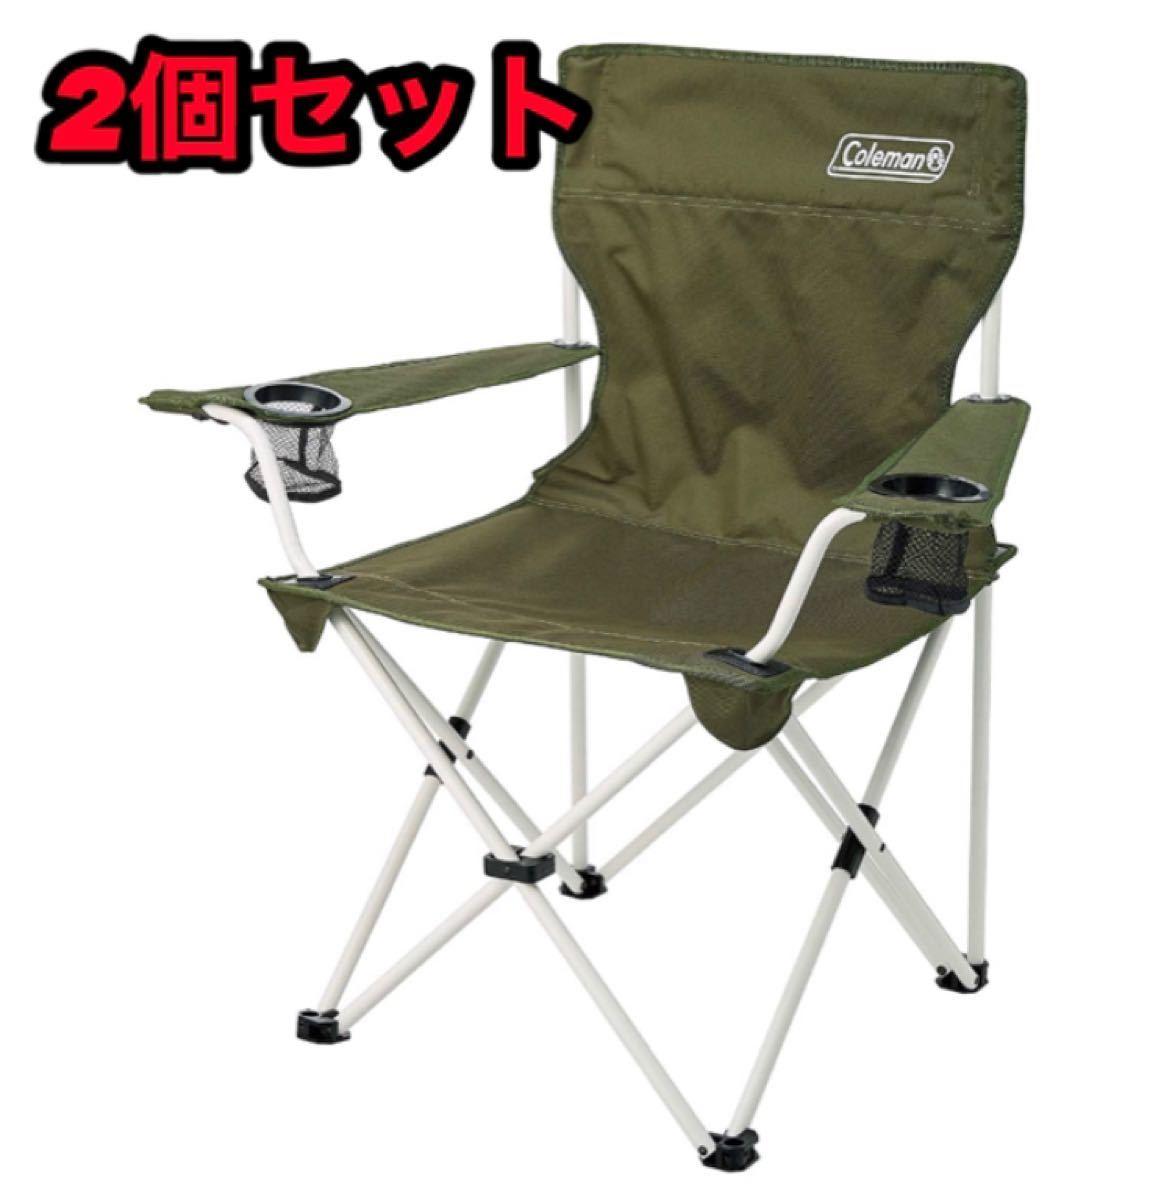 コールマン リゾートチェア オリーブ (2000033560) キャンプ チェア Coleman キャンプ用品 2個セット